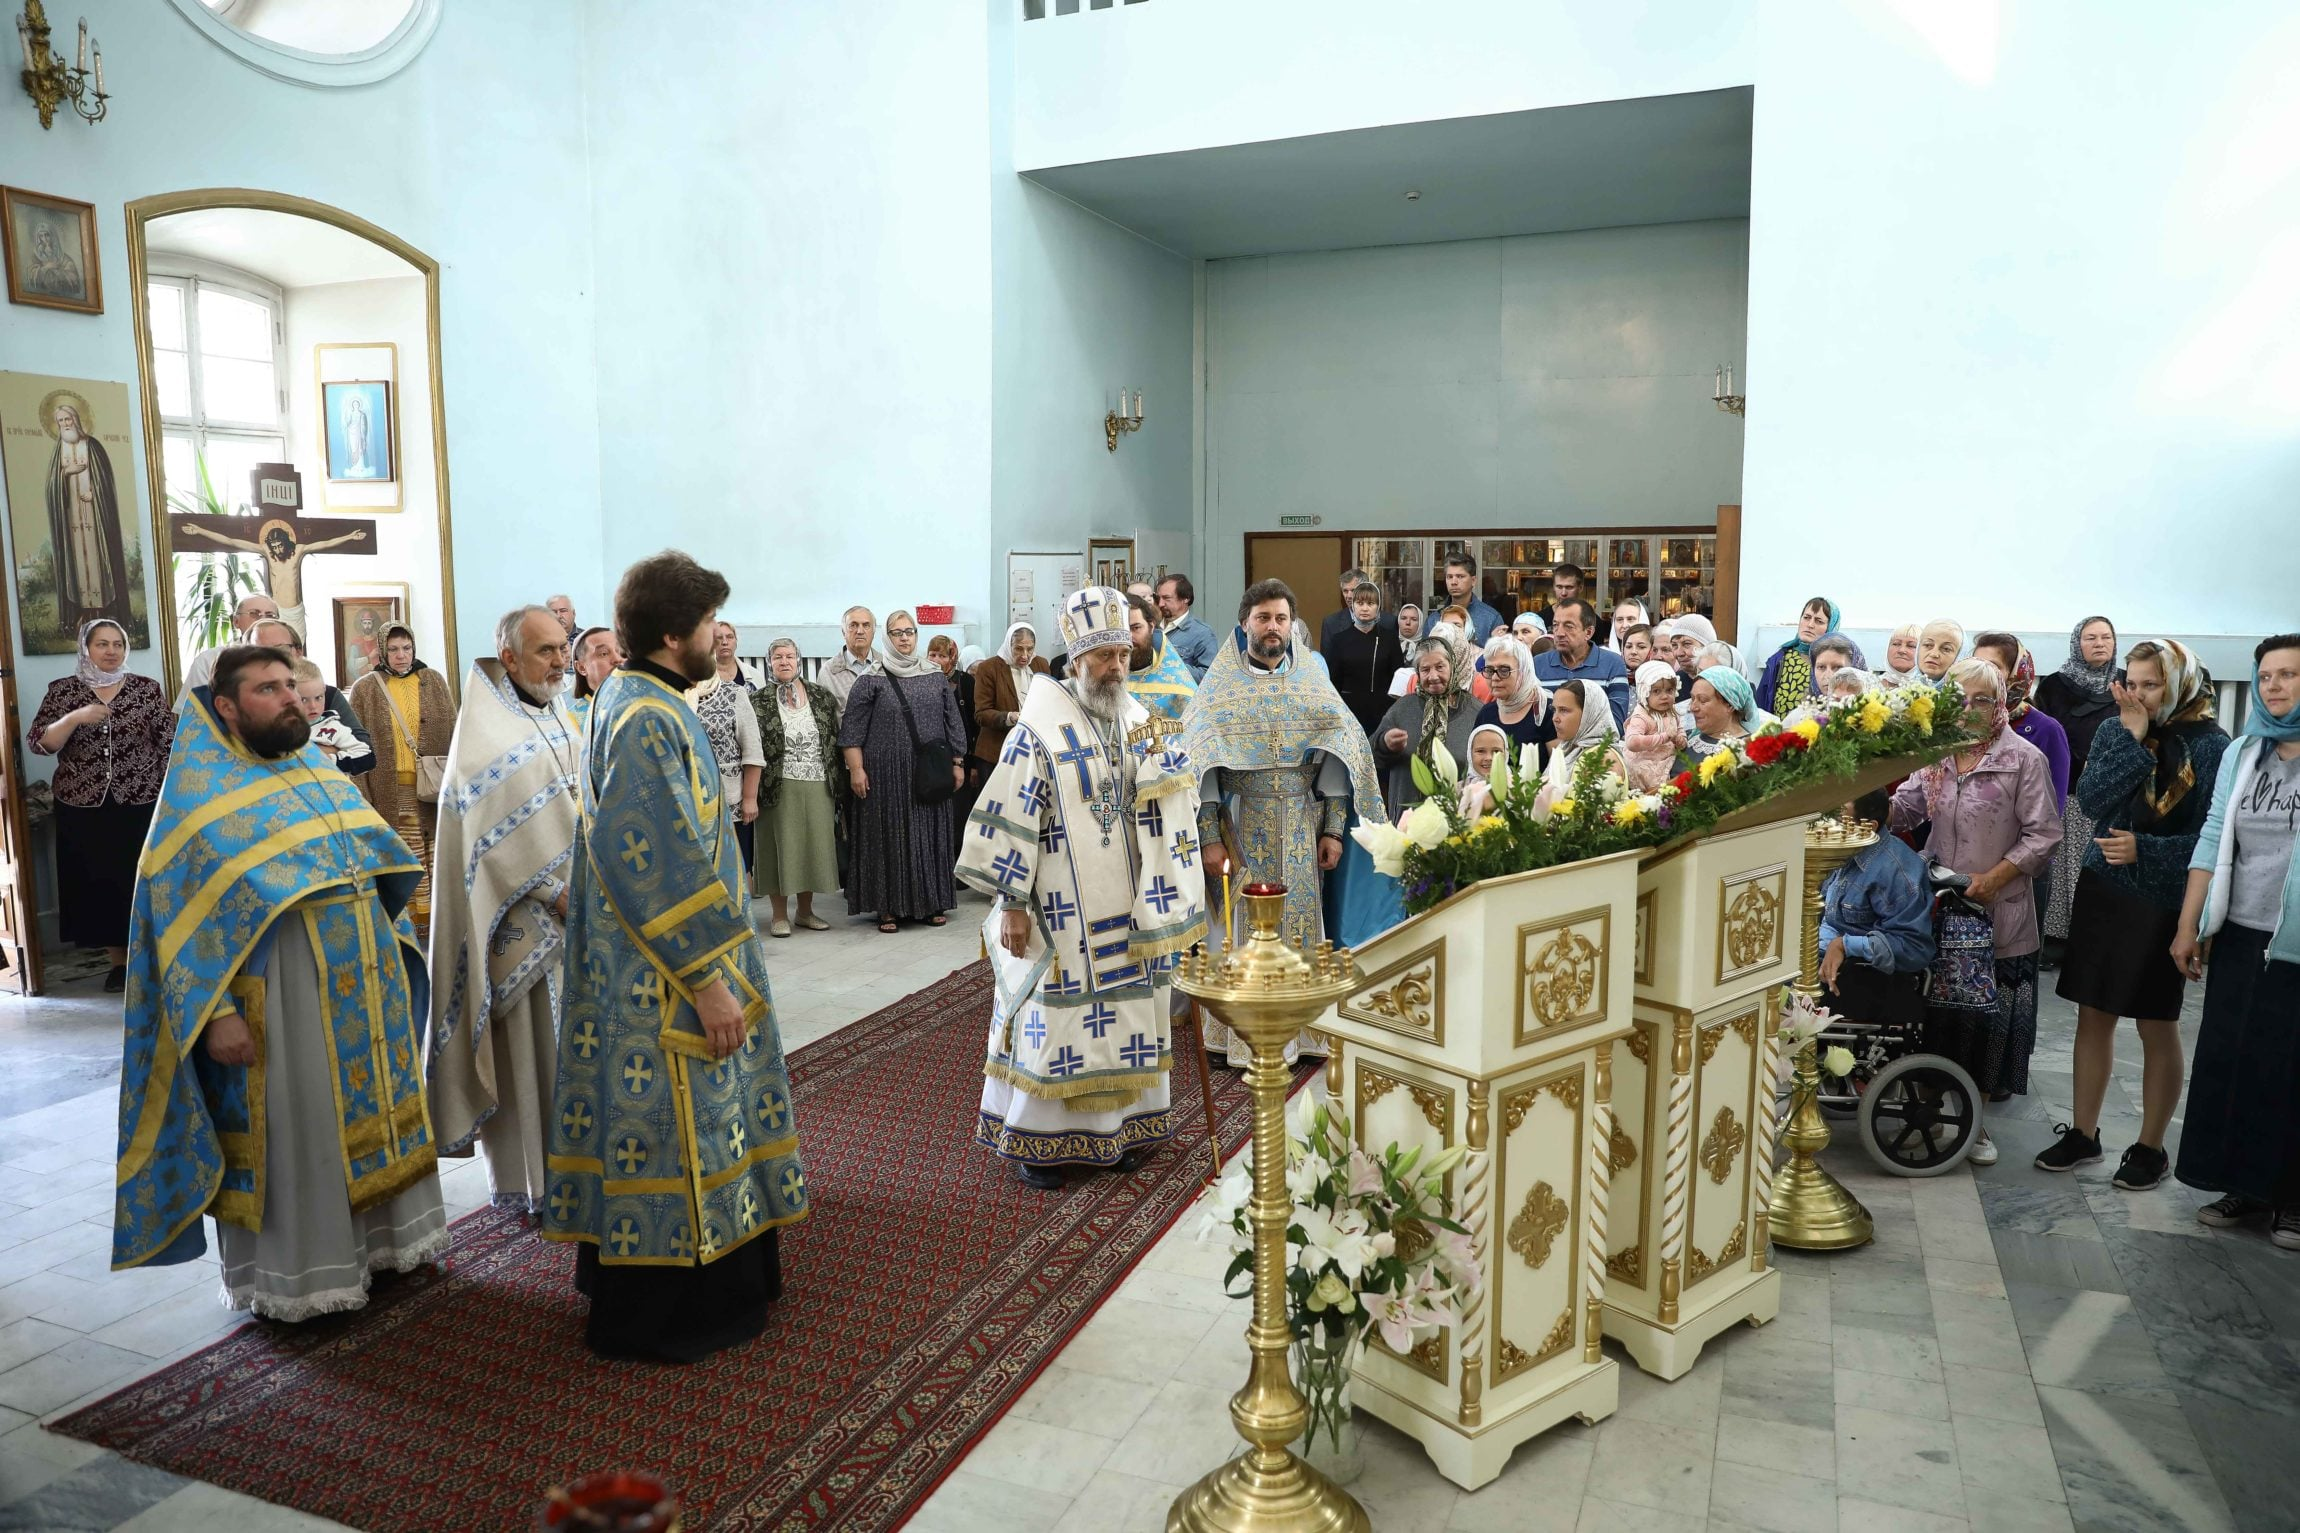 http://monuspen.ru/photoreports/300a33e78ae43bf112005df432bc34h8.jpg